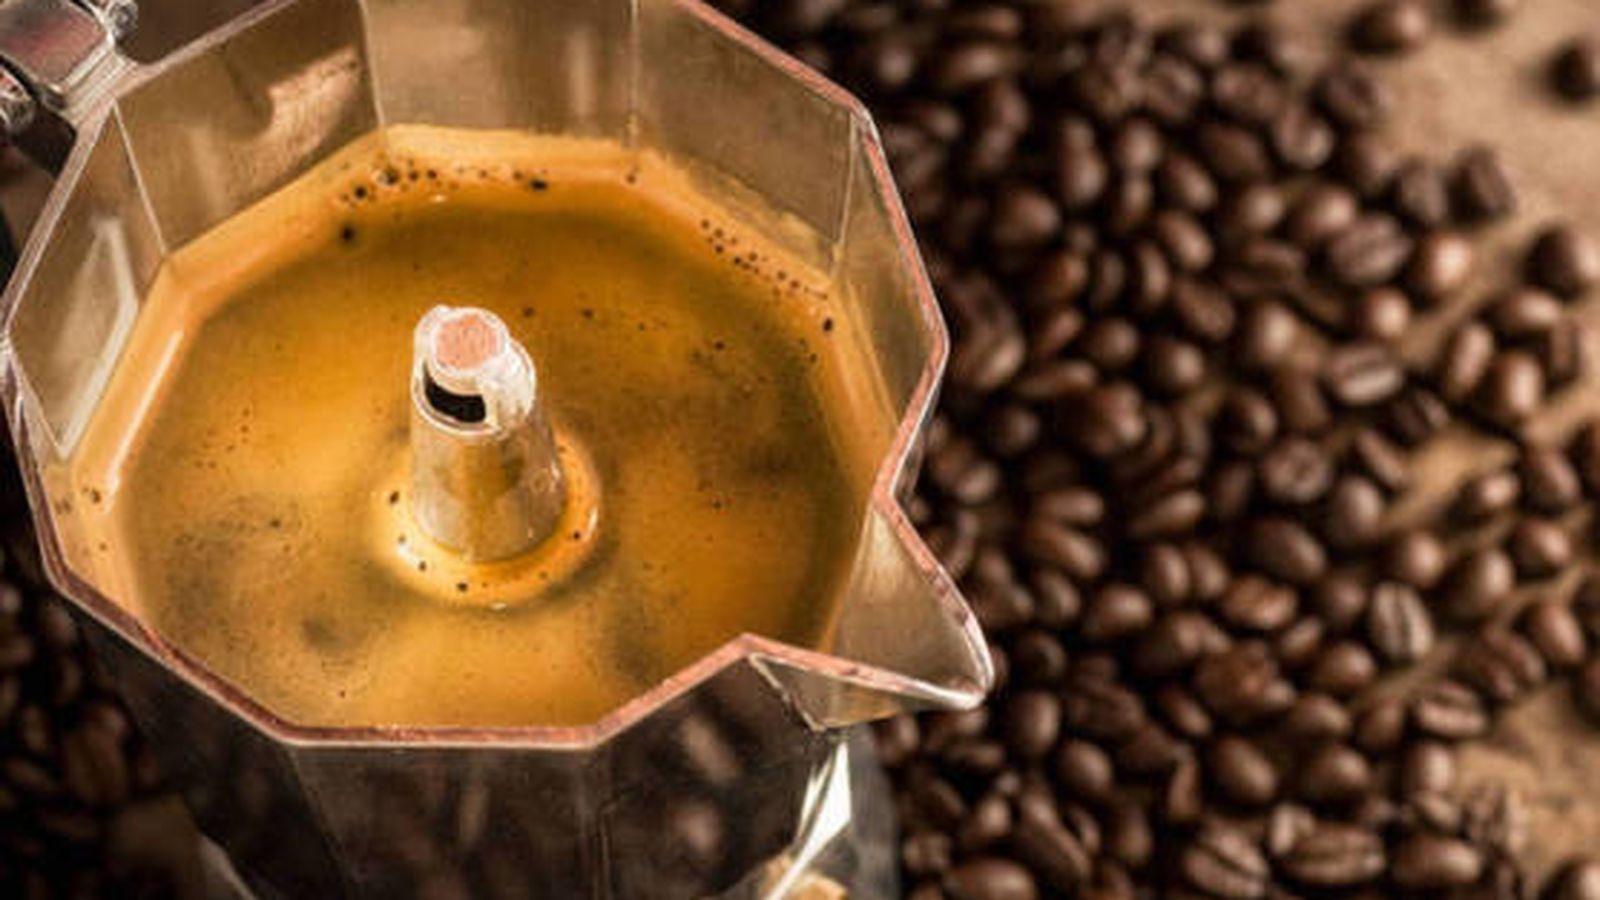 El secreto de que el café descafeinado también nos ponga nerviosos